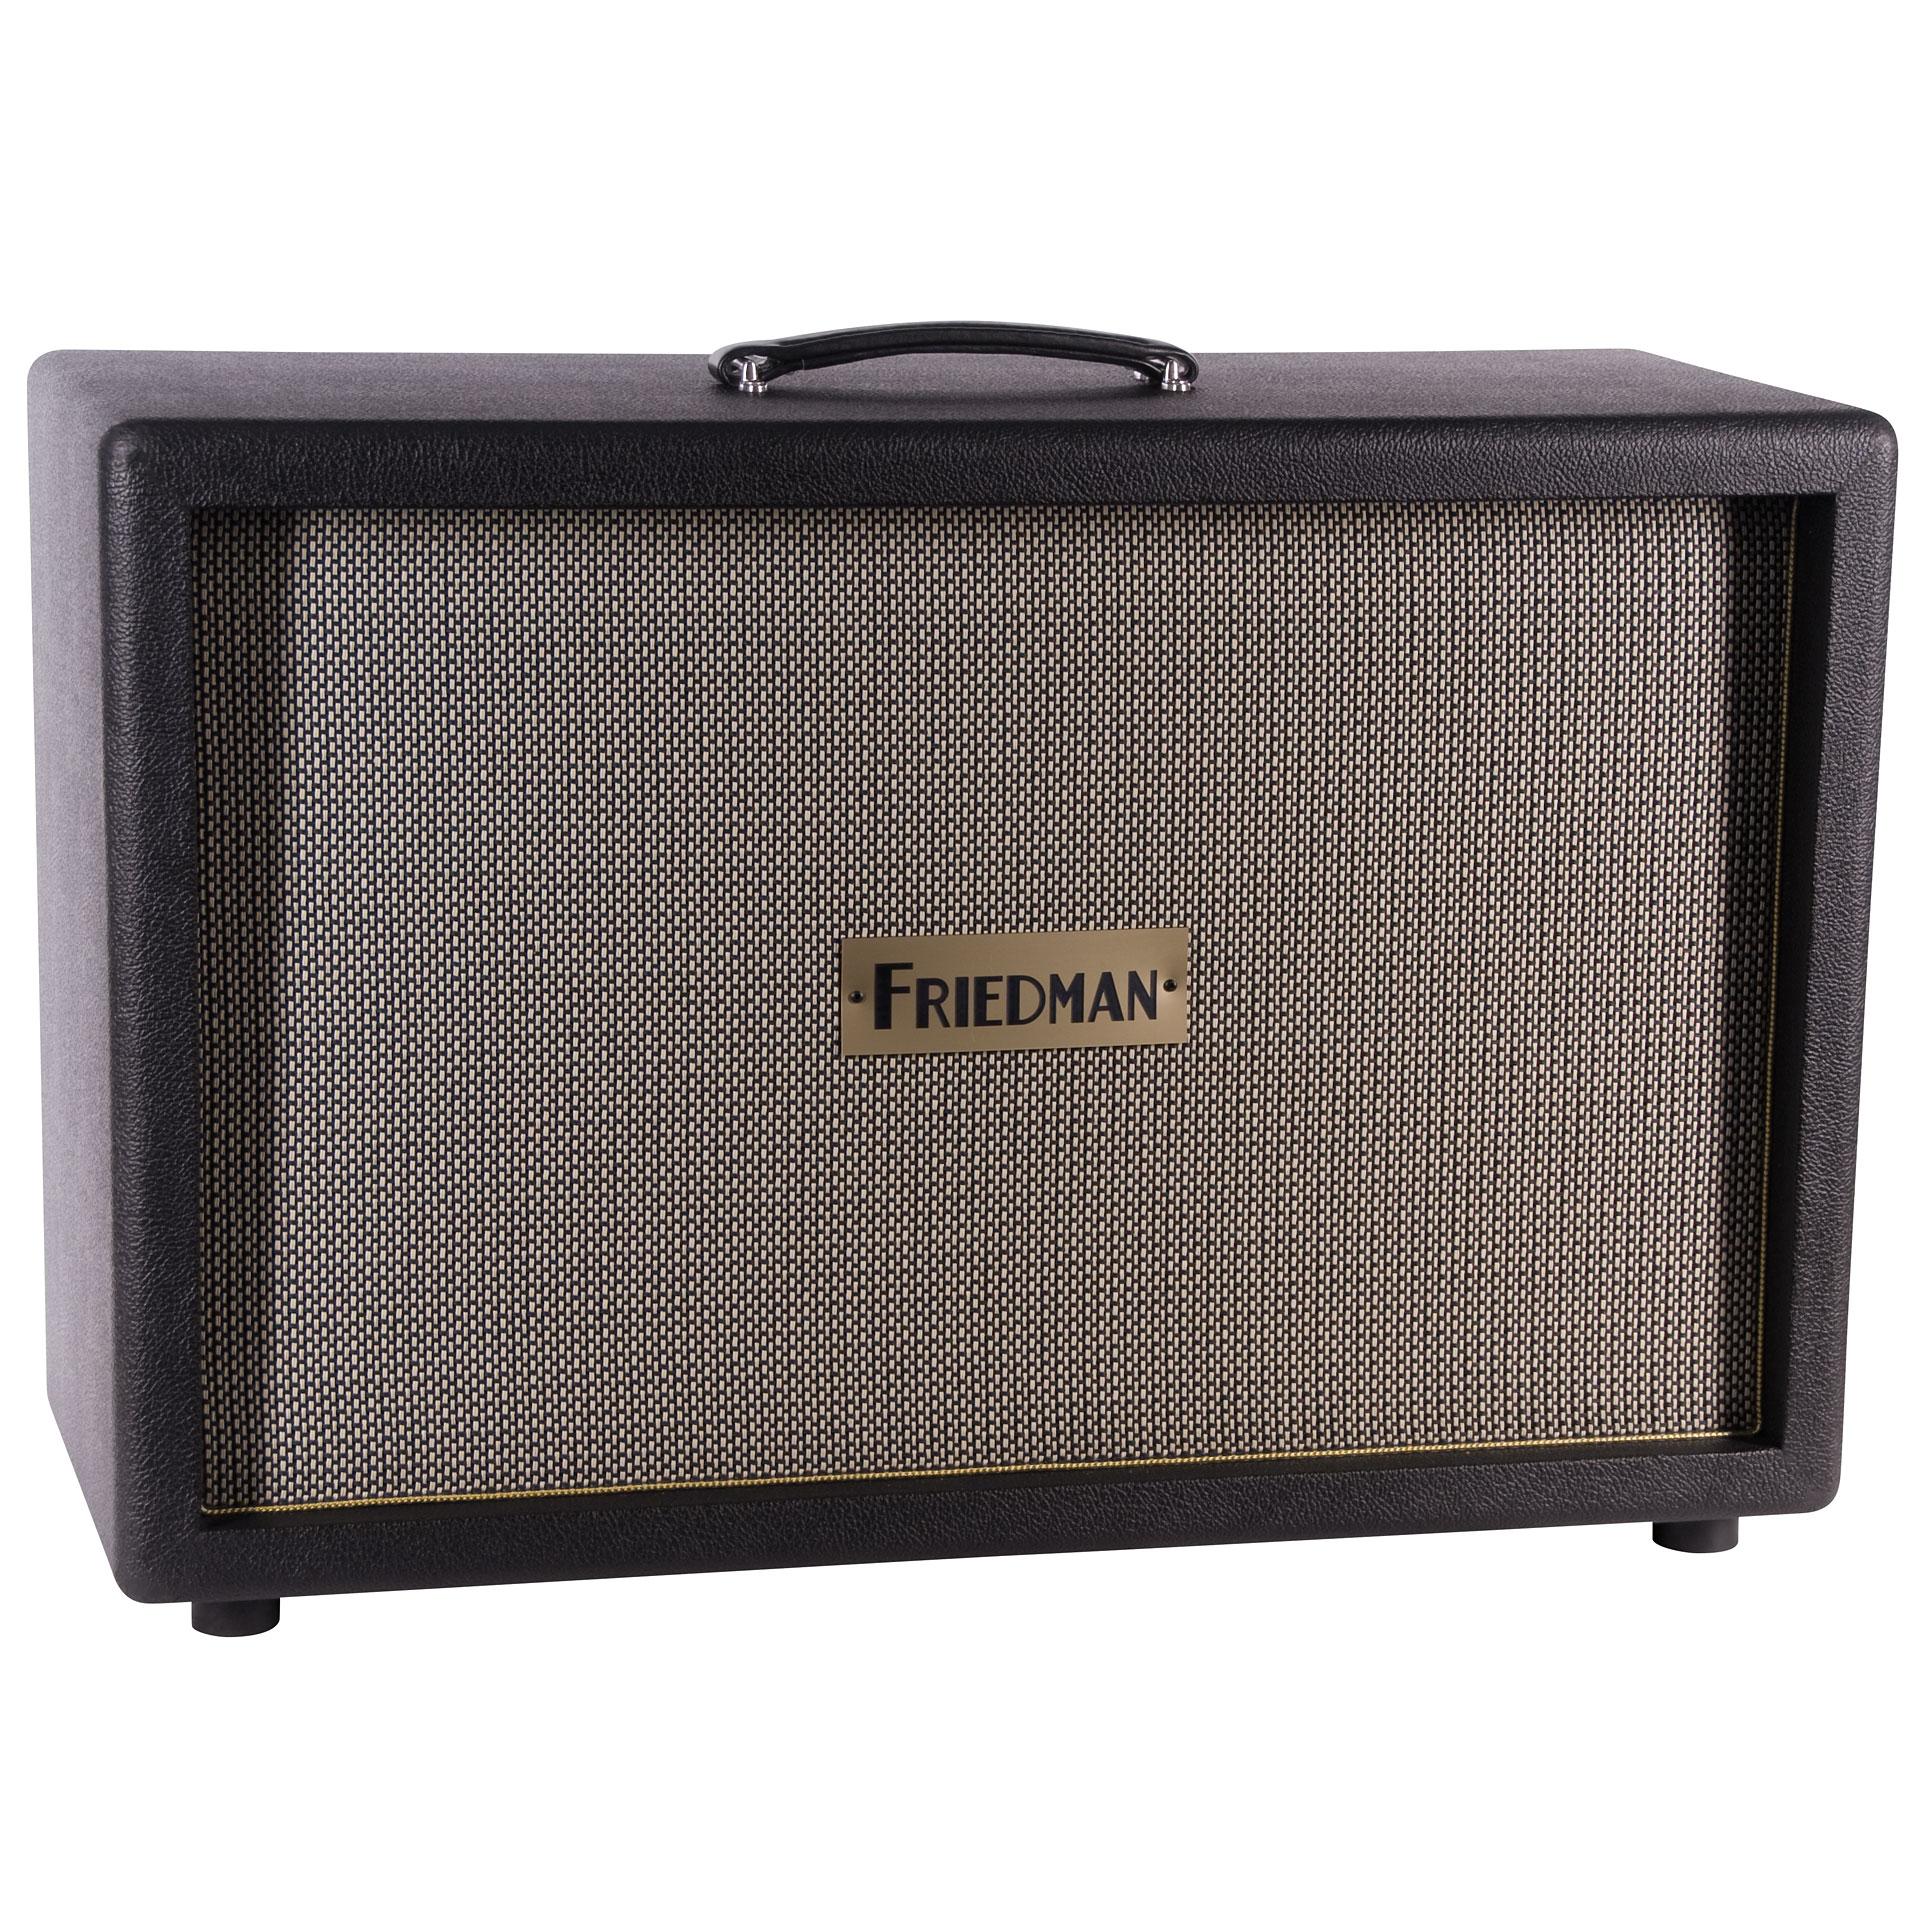 2x12 Speaker Cabinet Friedman 2x12 Vintage Guitar Cabinet